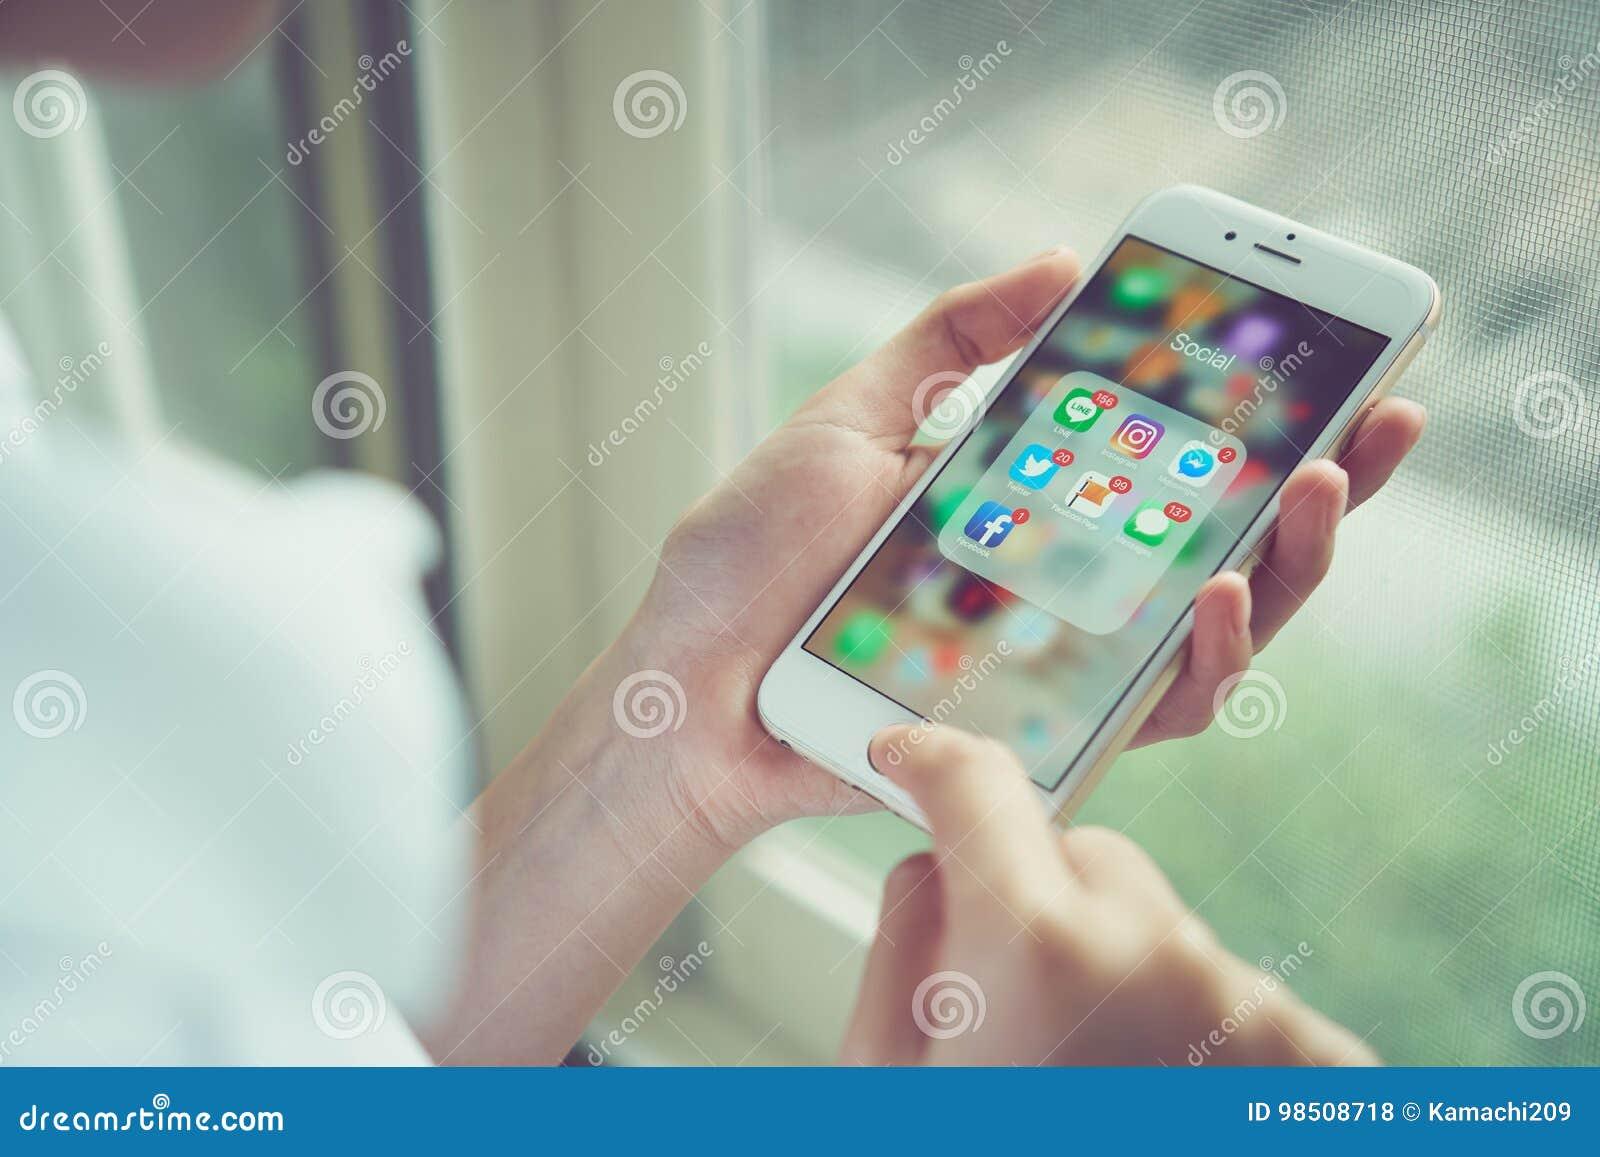 Бангкок, Таиланд - 23-ье августа 2017: женщина используя iPhone экрана средств массовой информации app дисплея выставки социально